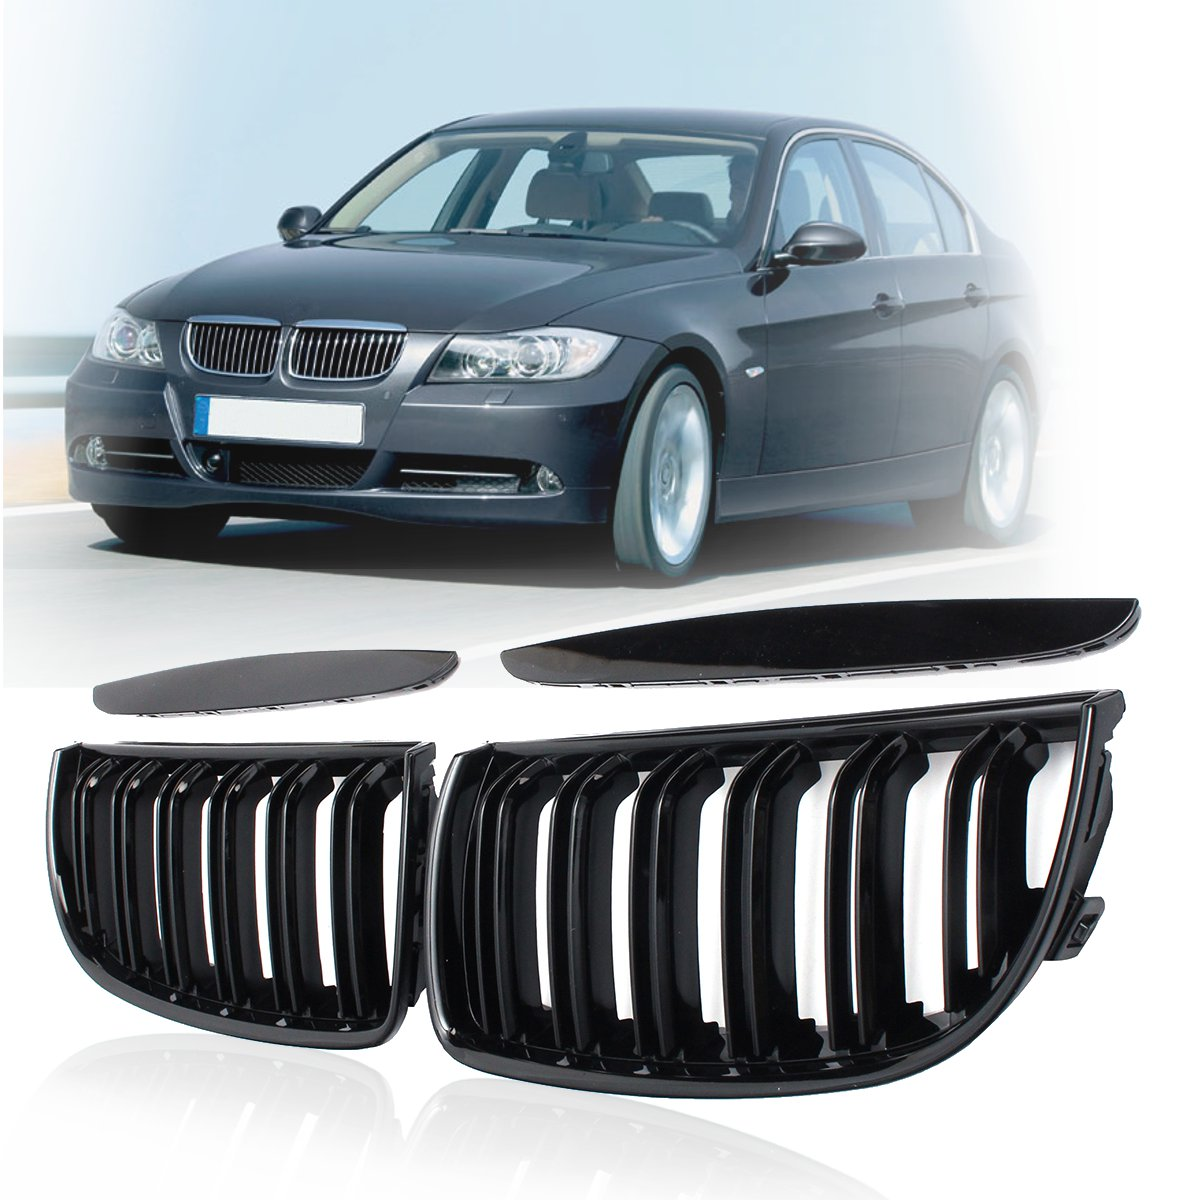 4 par de cores frente gloss fosco carbono m cor preto 2 linha dupla slat rim grille grill para bmw e90 e91 4 portas 2005 06 07 2008